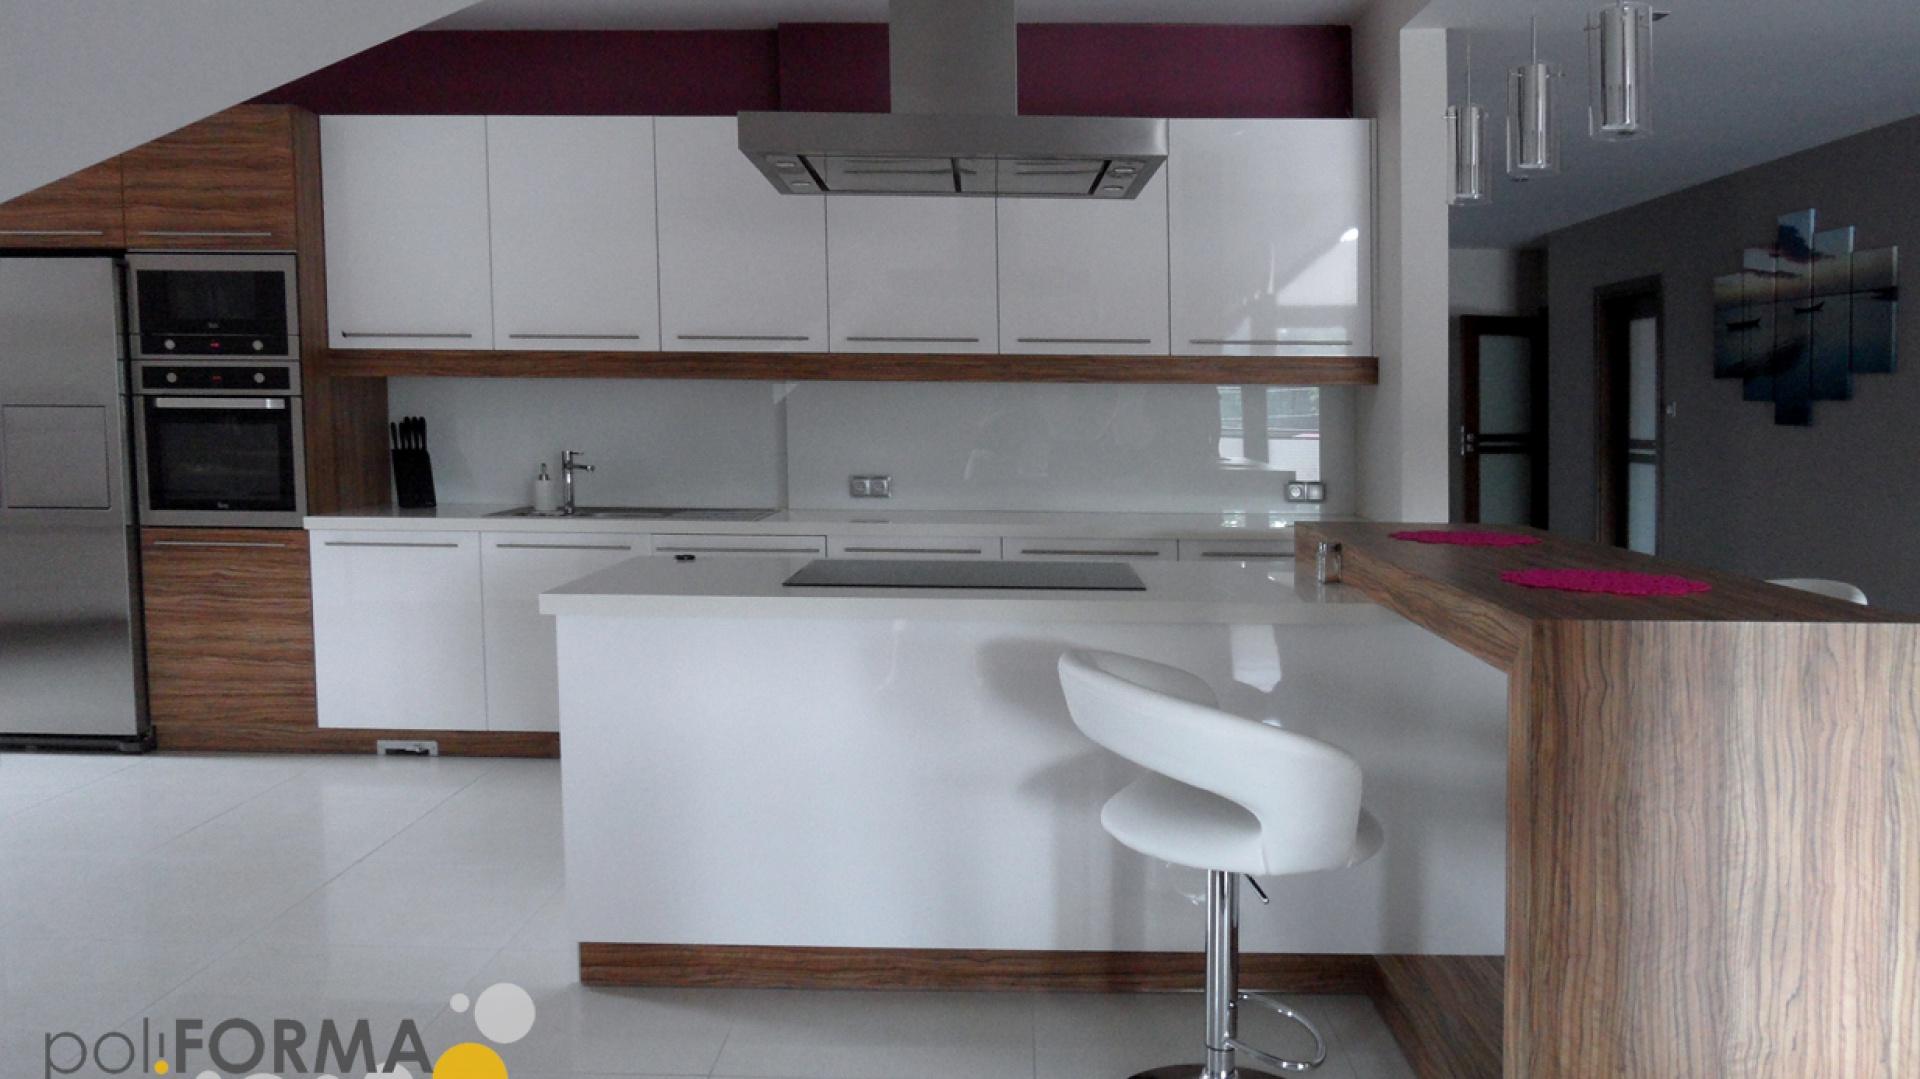 Kuchnia - płyta laminowana + MDF na wysoki połysk w kolorze białym. Między szafkami - szkło. Podłoga - gres, mozaika + podłoga drewniana. Projekt - Pro-Cert, Białystok. Fot. Pro-Cert.